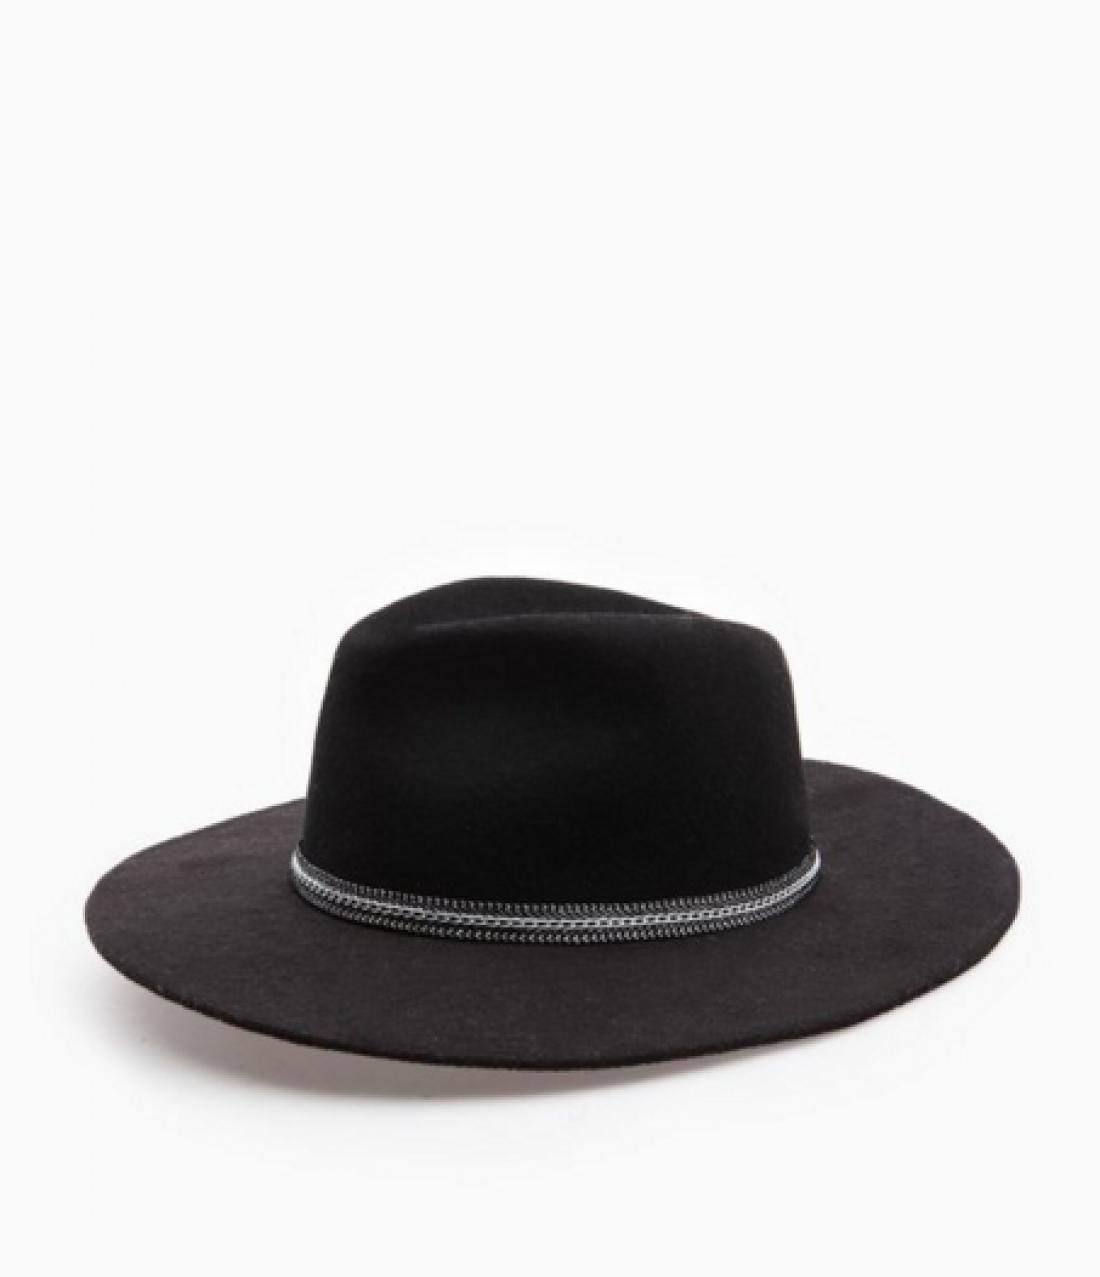 Шляпа Stradivarius, 549 грн.